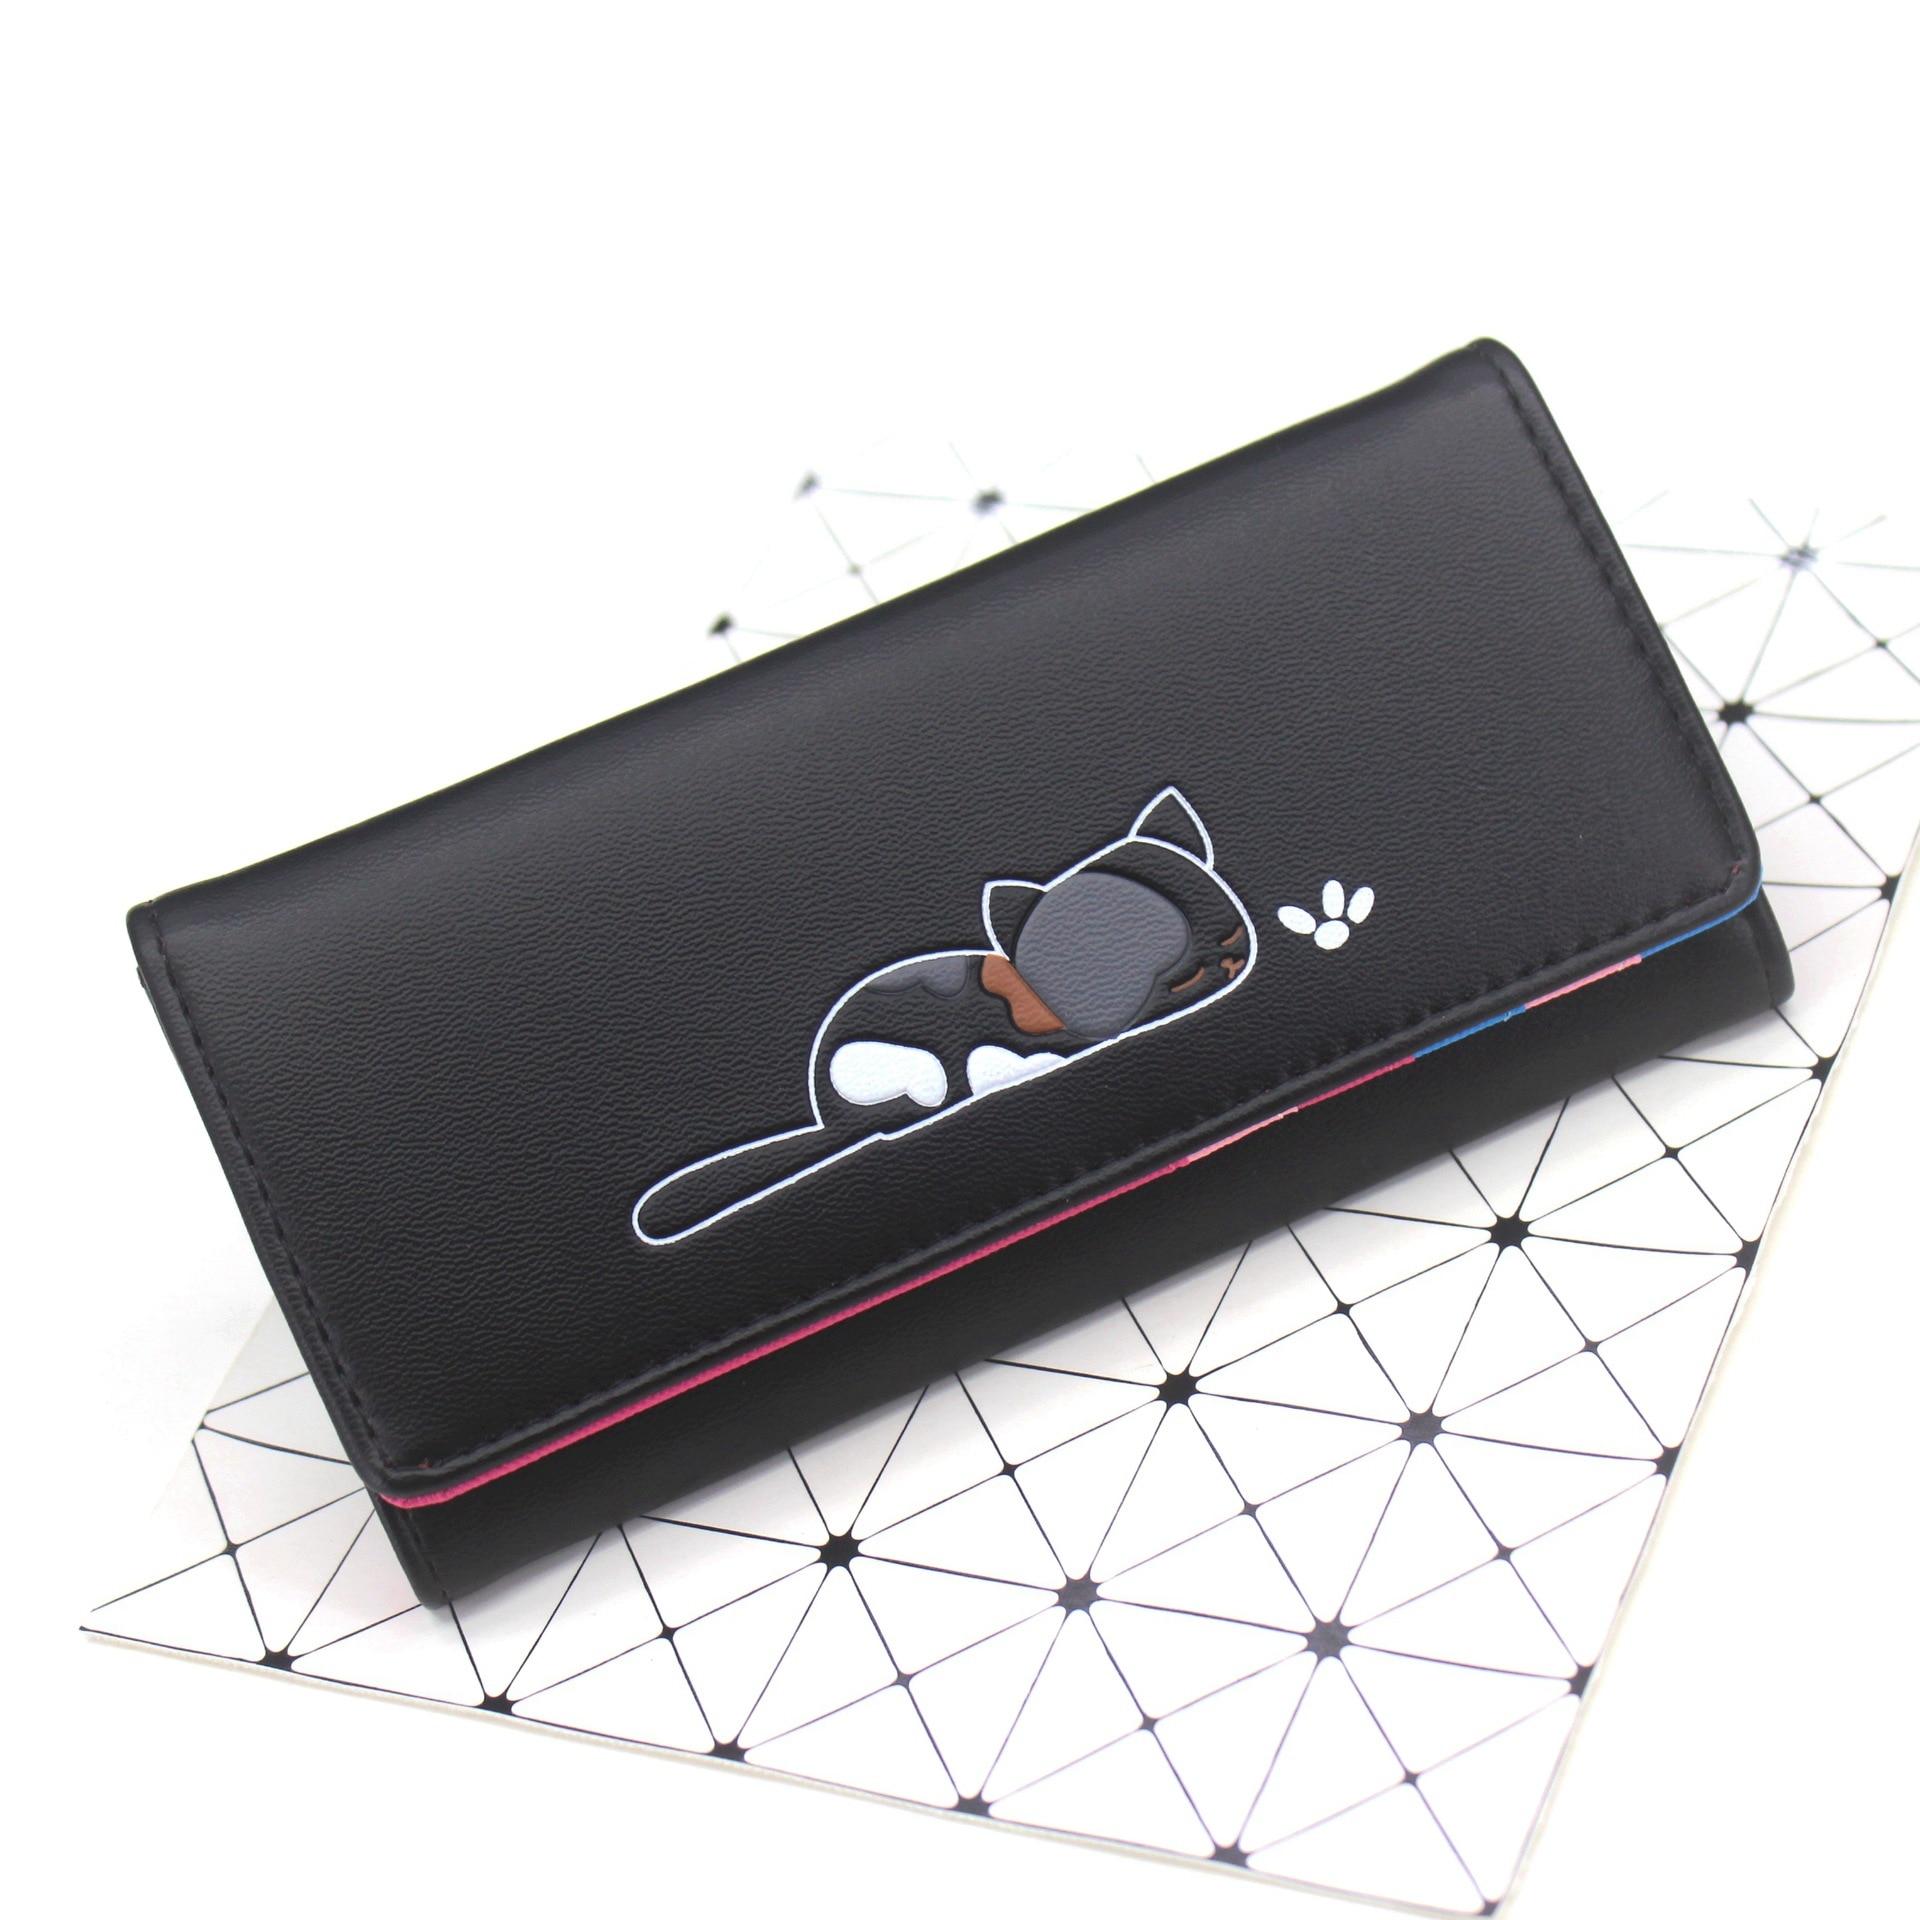 Женские бумажники из искусственной кожи с принтом кота из мультфильма, фирменные дизайнерские женские сумочки с монетками, женские сумочки с держателем для карт, милые сумочки billetera